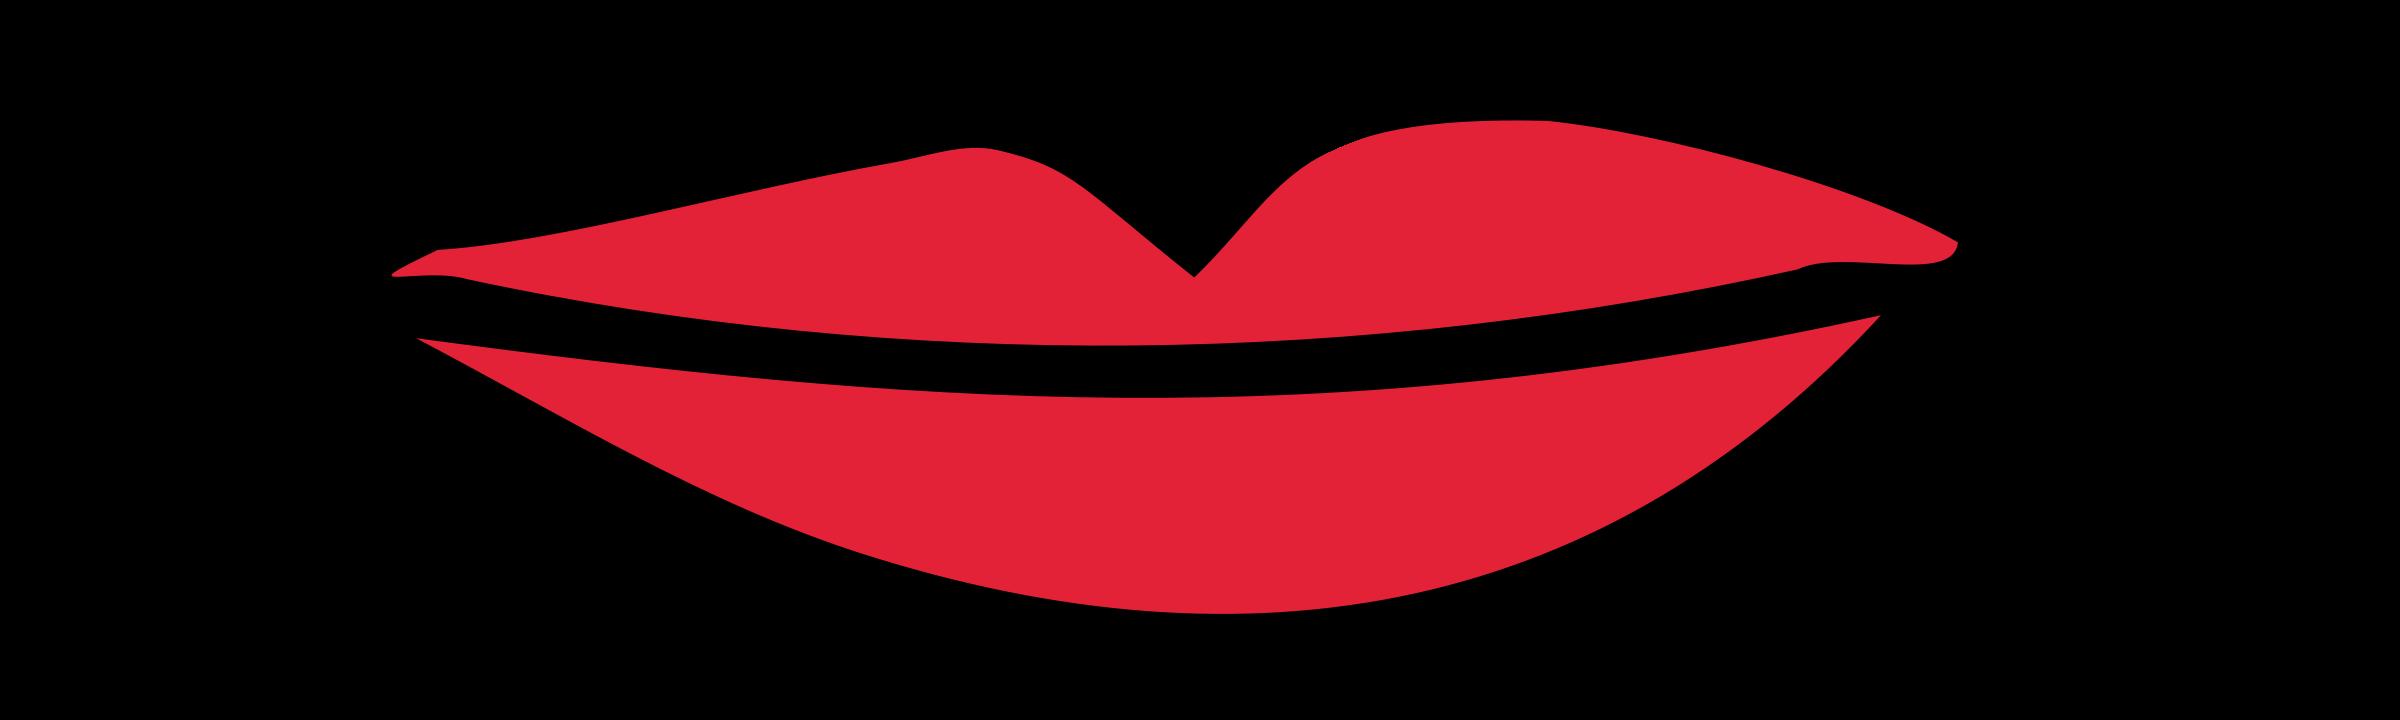 2400x720 Kissing Clipart Lipps